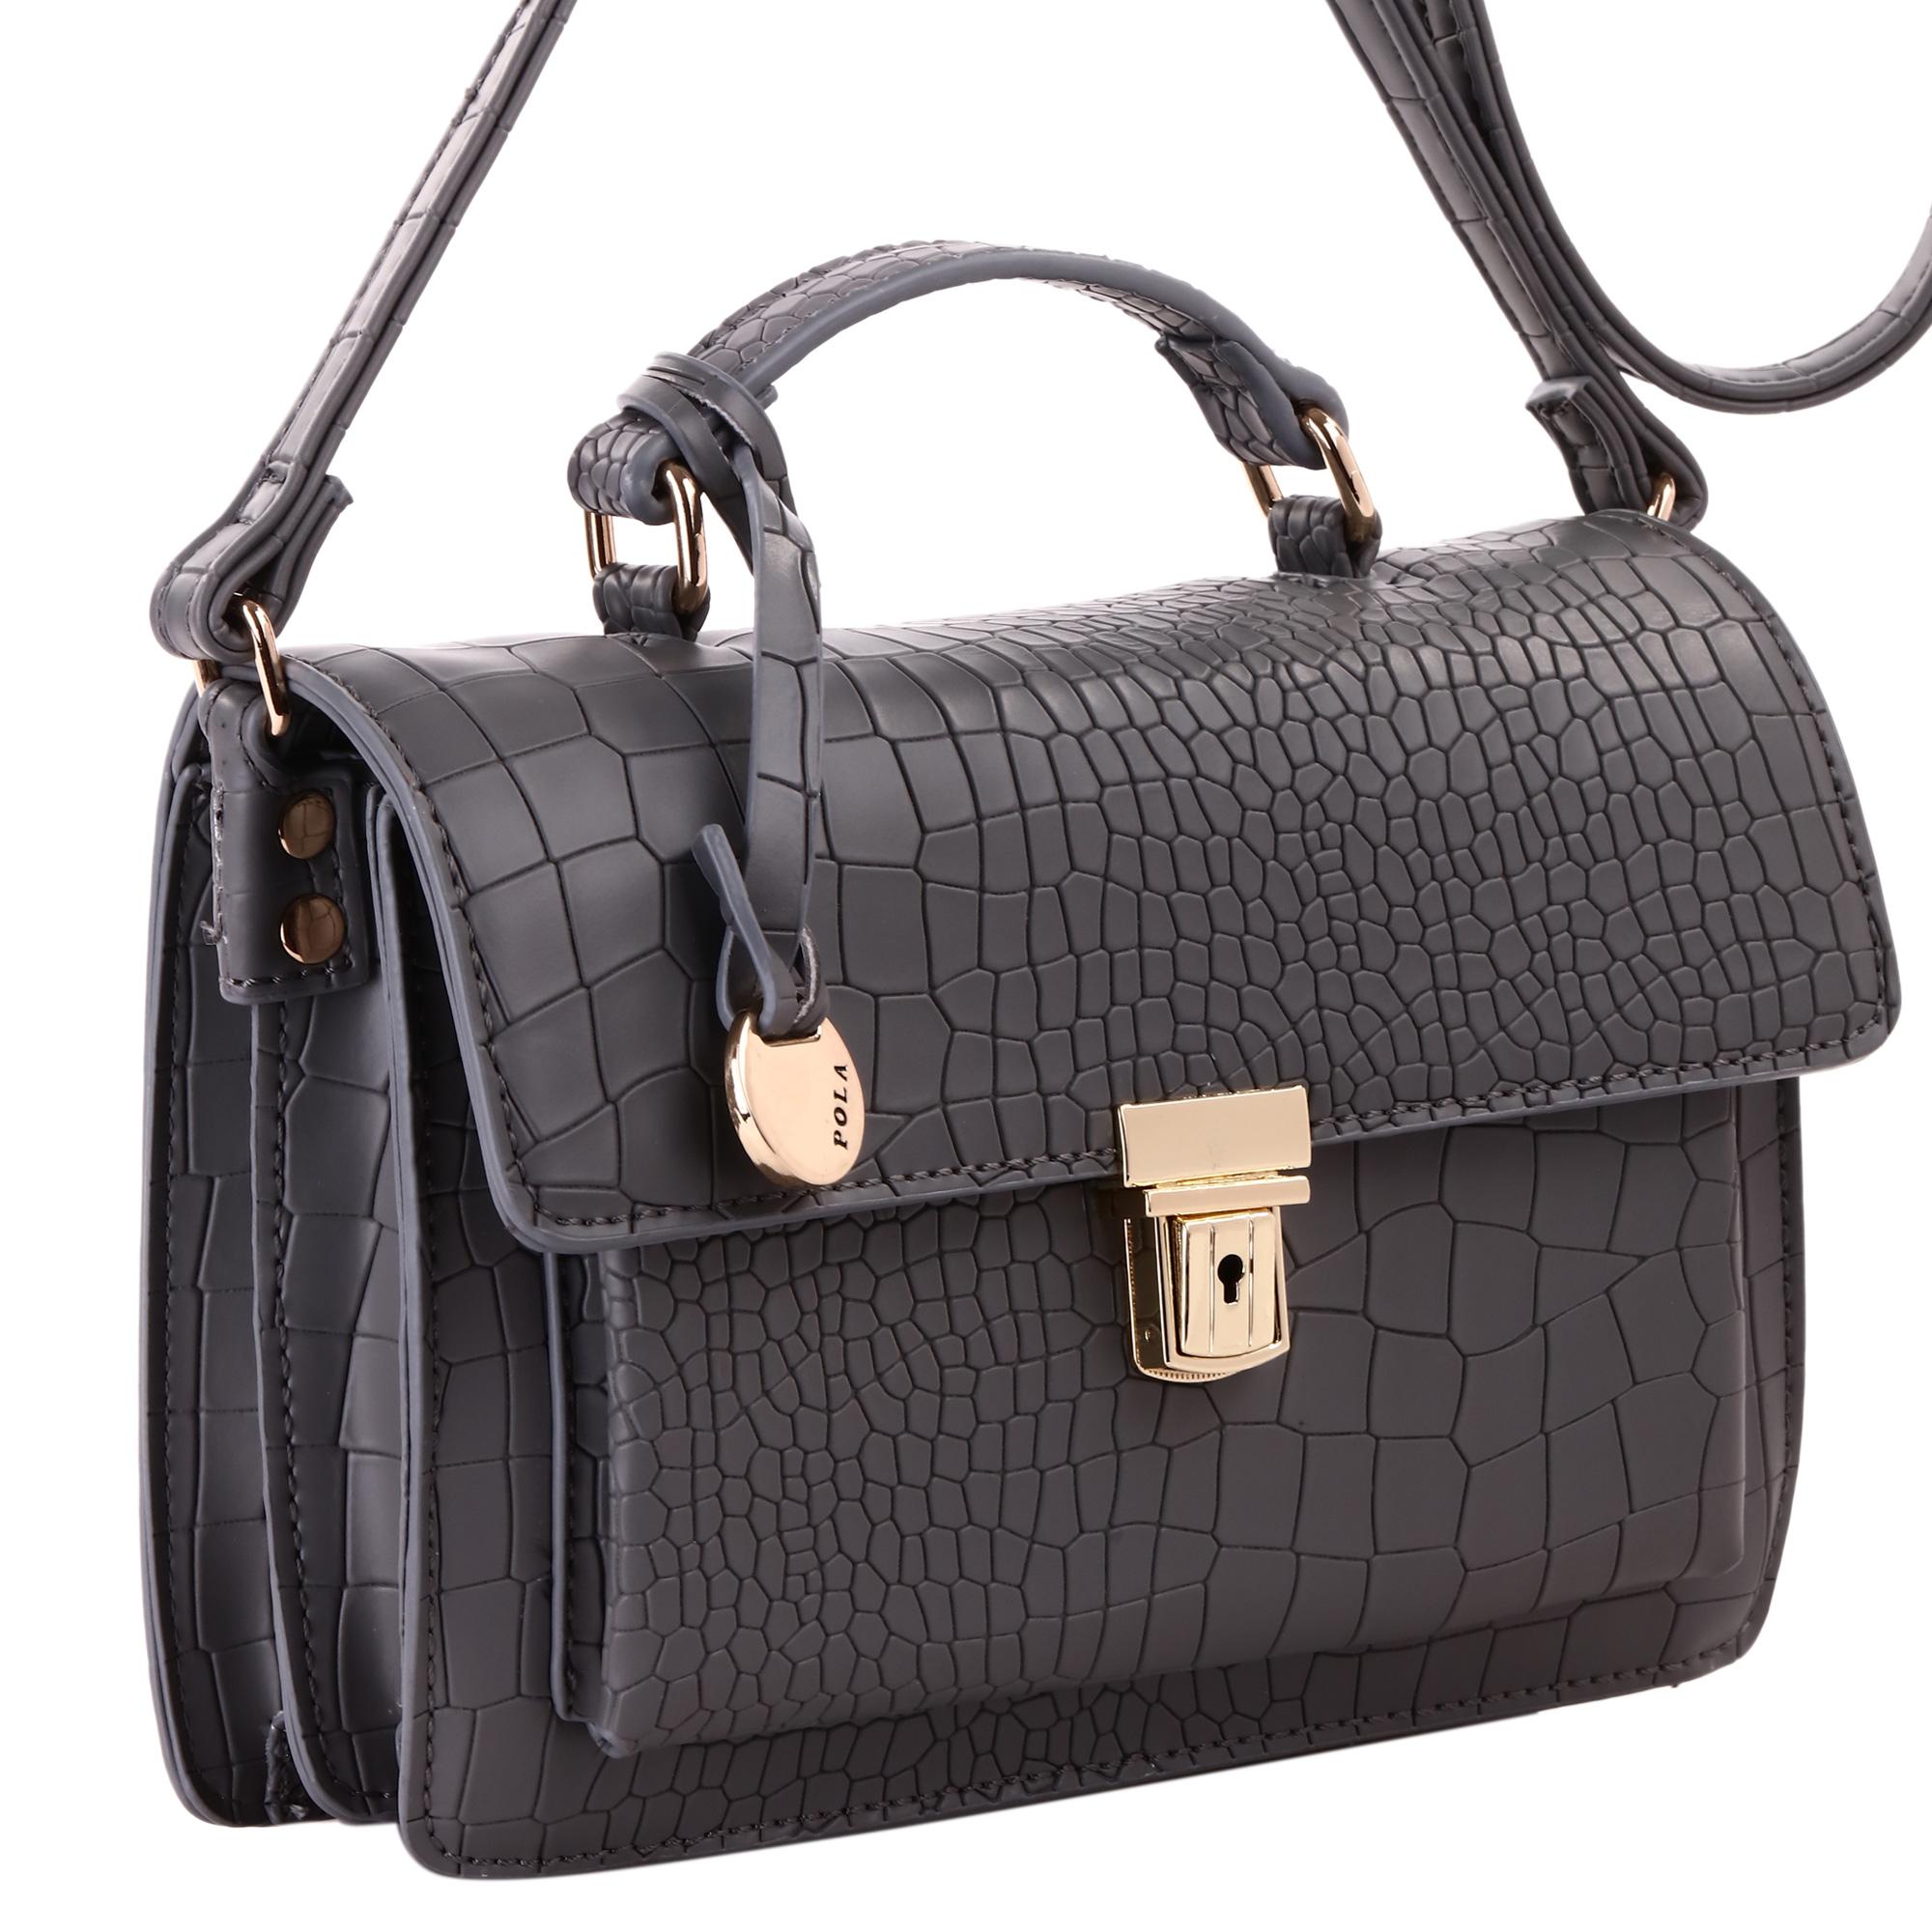 Сумка женская Pola, цвет: серый. 4395KV996OPY/MЖенская сумка на плечо фирмы Pola выполнена из экокожи. Сумка закрывается клапаном на металлическом замке-защелке. Имеет два независимых отделения, внутри - небольшой карман на молнии и один открытый карман. С внешней стороны под клапаном расположен вместительный открытый карман. Плечевой ремень несъемный, регулируемый по длине, максимальная высота 55 см.Высота ручки 5 см. Цвет фурнитуры - золото.